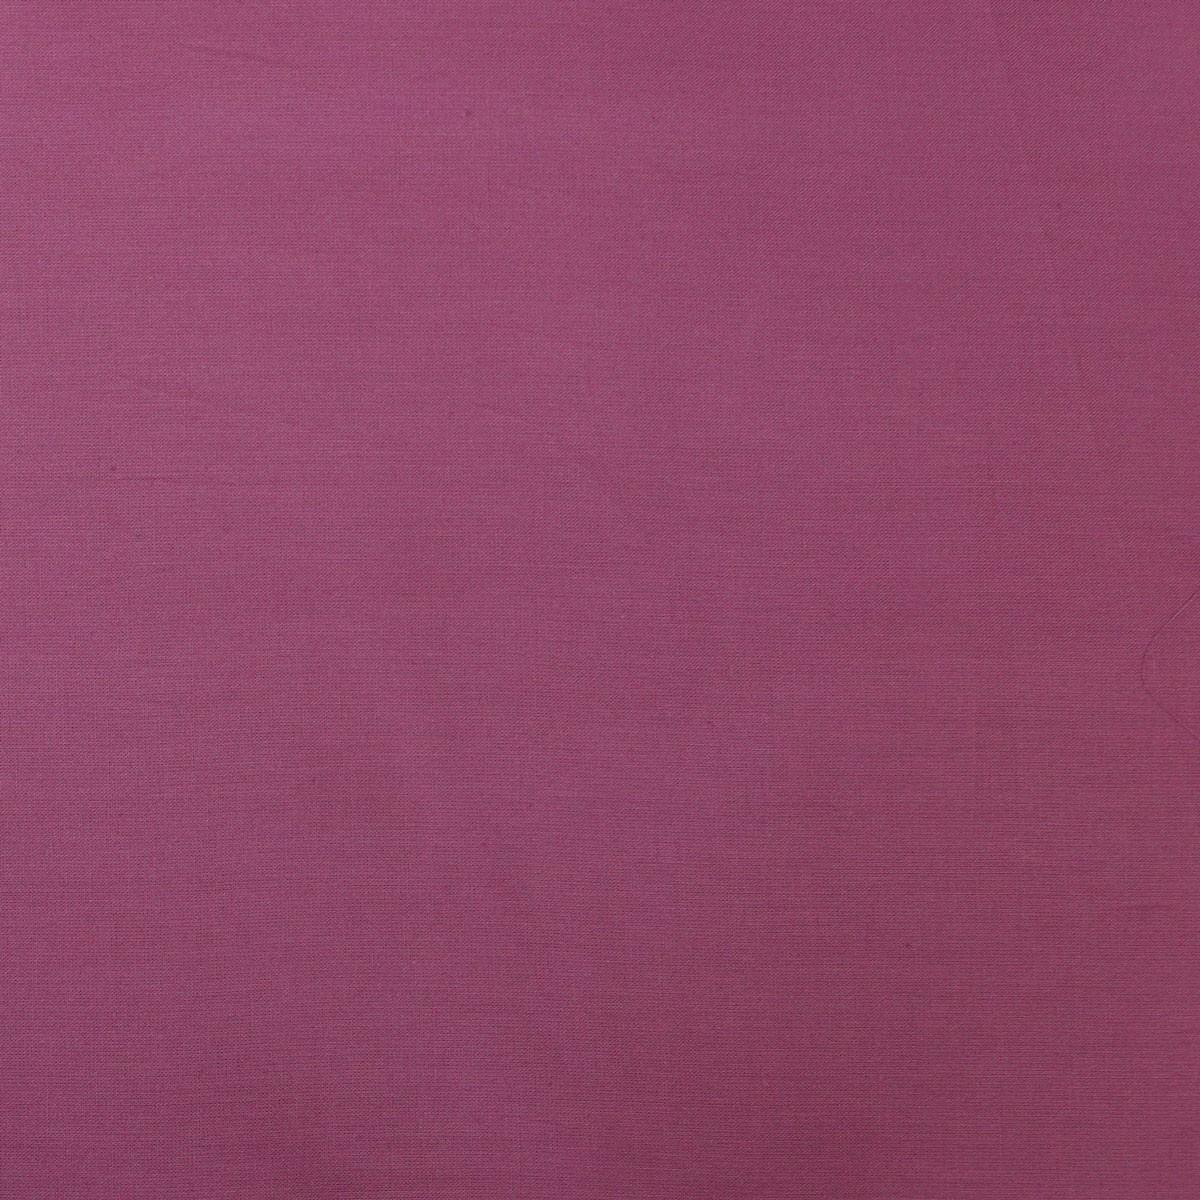 Kreativstoff Baumwollstoff Fahnentuch einfarbig beere 1,45m Breite